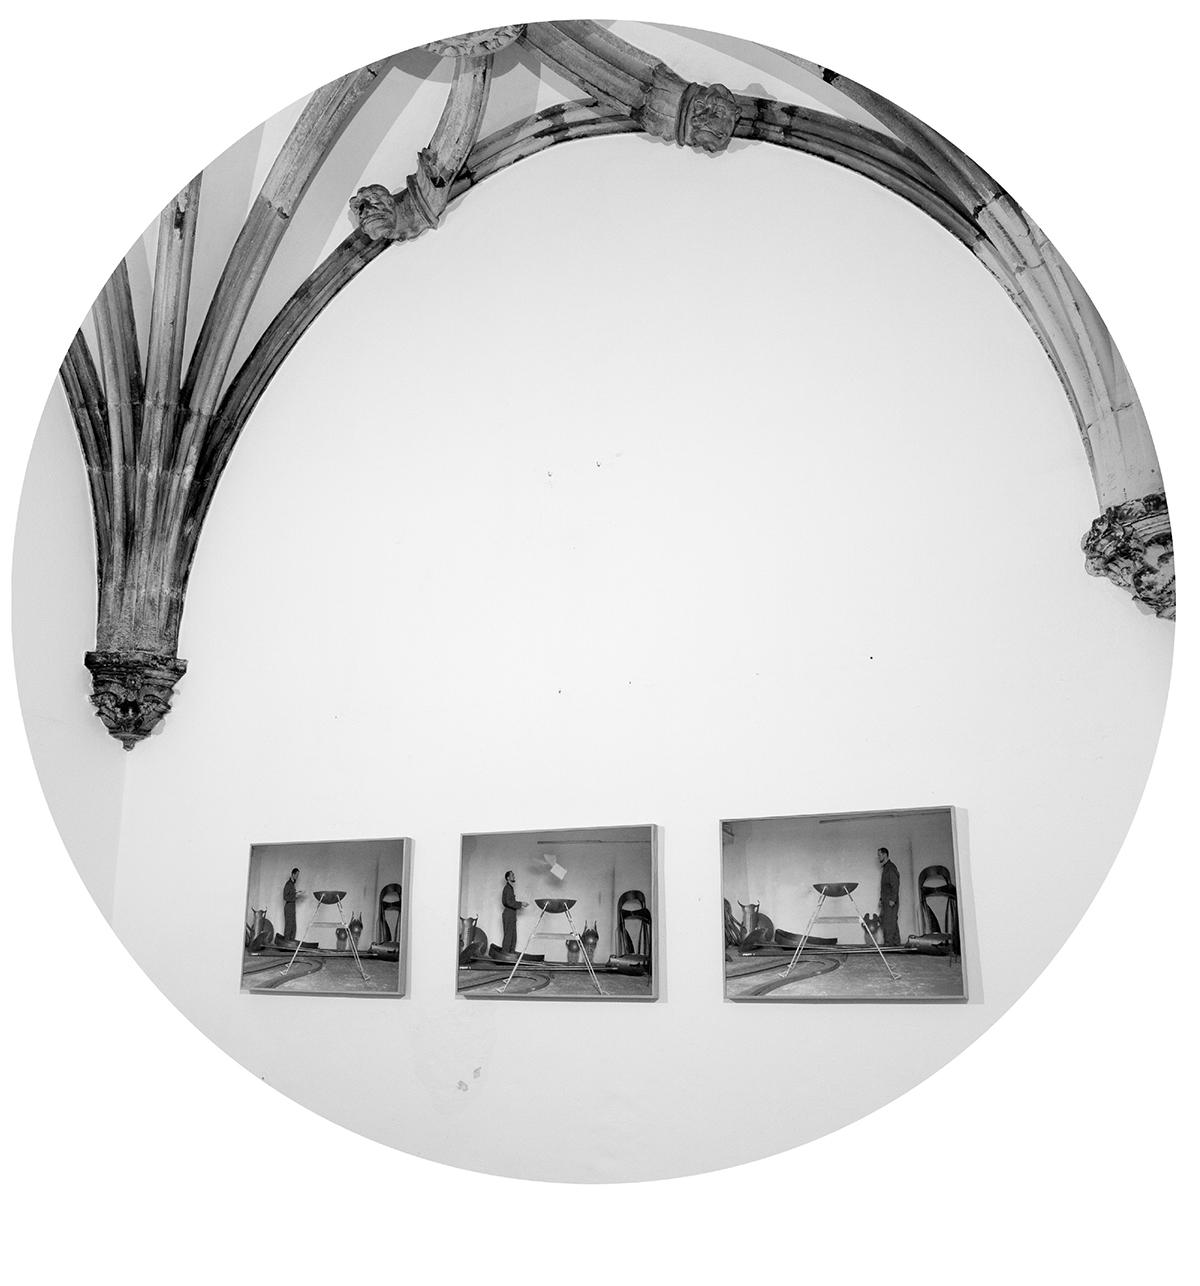 Albano Silva Pereira | S/ título, 2012 | Triptico da série, Ao espelho da Sereia | Imagem do círculo - Instalação da obra no Café Santa Cruz